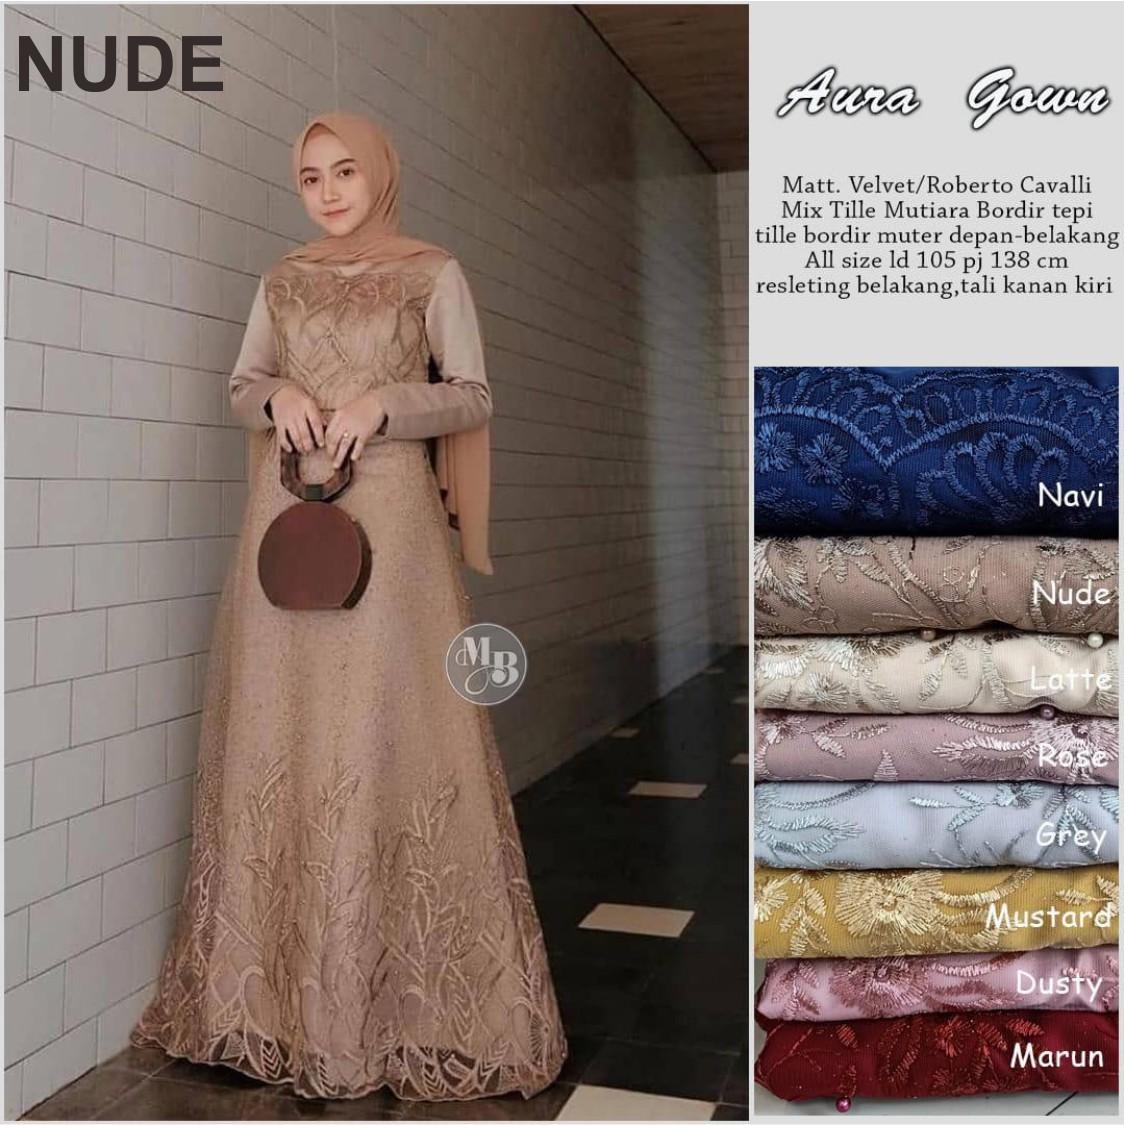 Free BAYAR DI RUMAH GAMIS BEST SELLER New Baju Batik Wanita Batik Modern  Gamis Wanita Terbaru Batik Baju Muslim Wanita Terbaru 10 Batik Sarimbit /